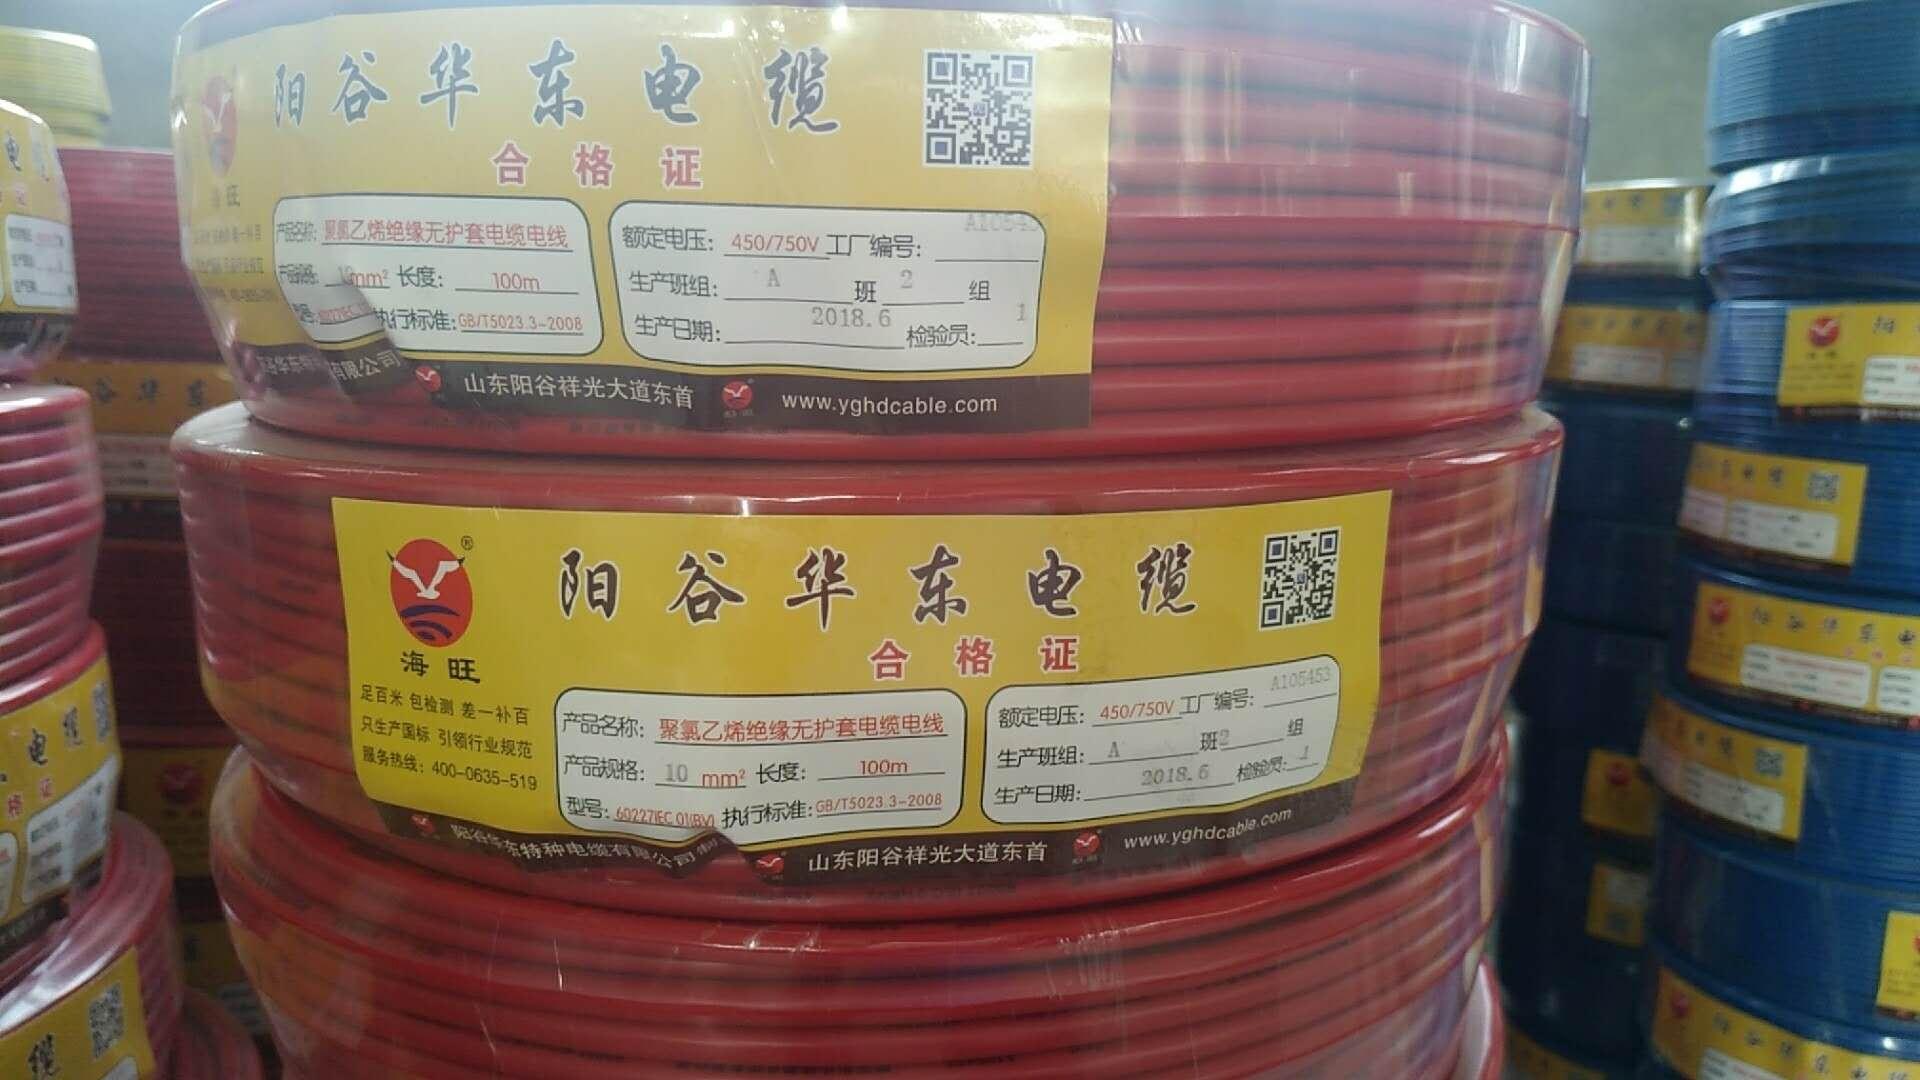 WDZ-GYJS(F)电线WDZ-GYJSYJ(F)电缆